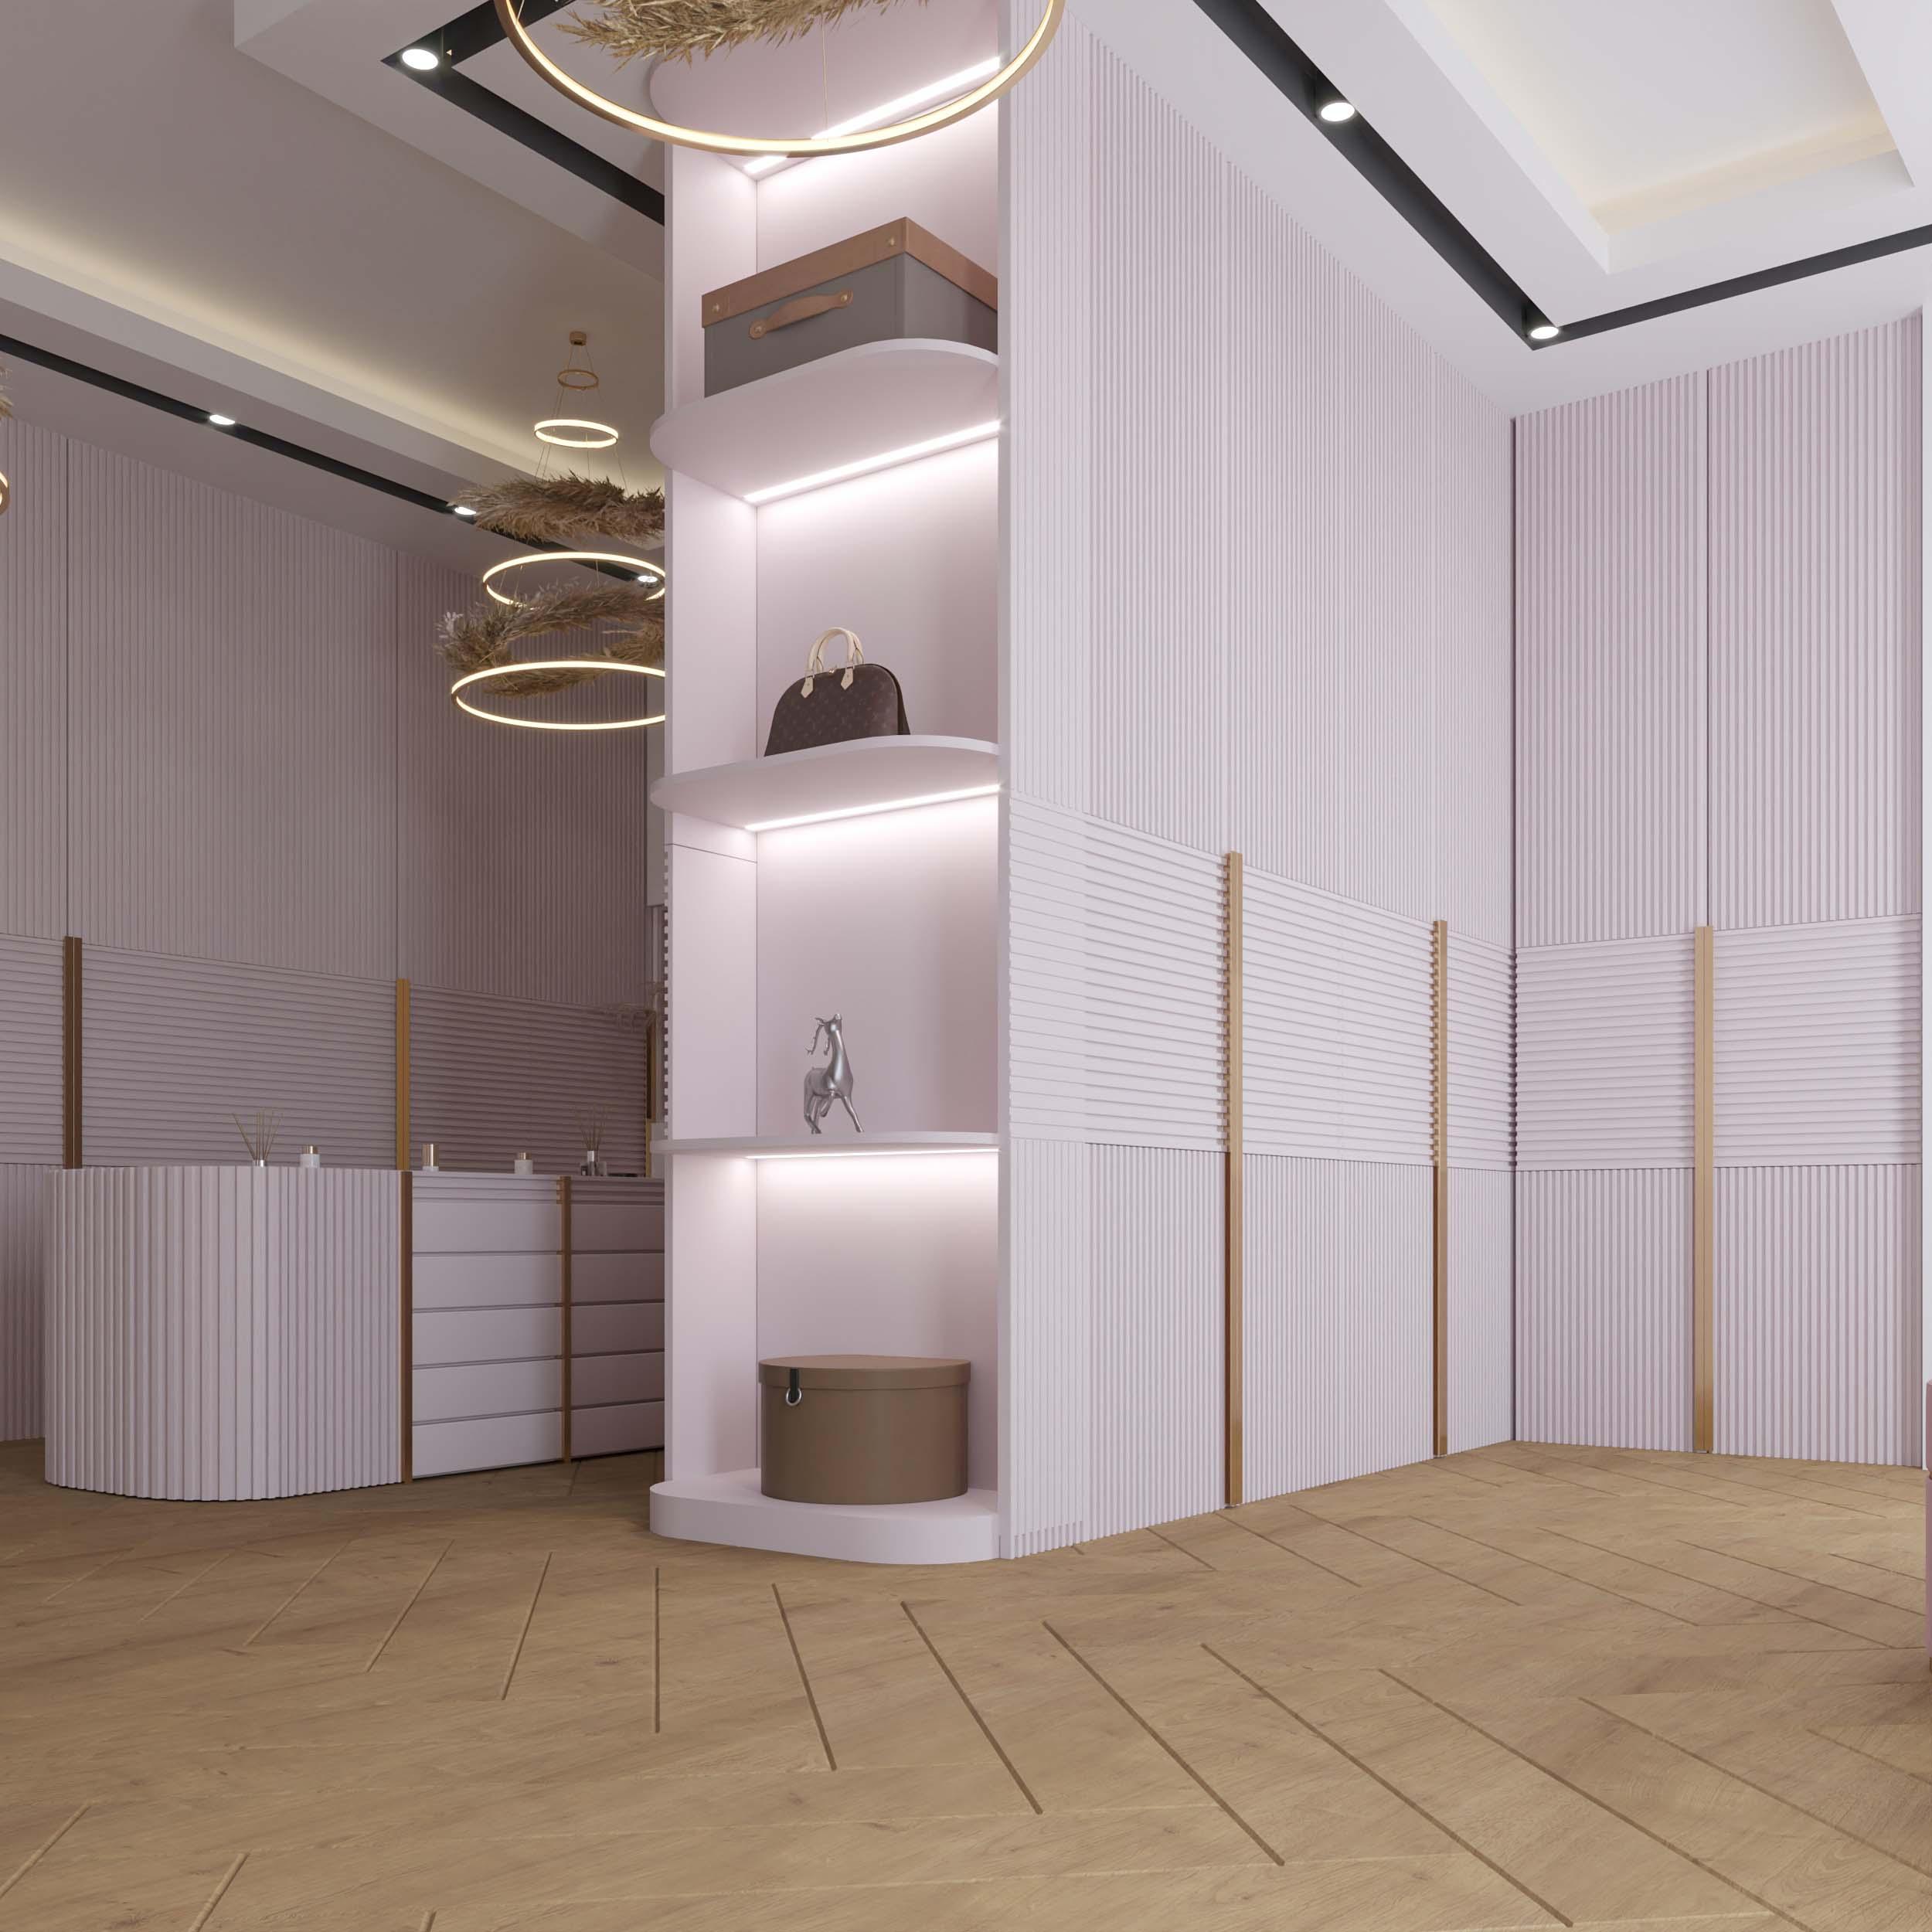 shelves design - light work - hidden lights